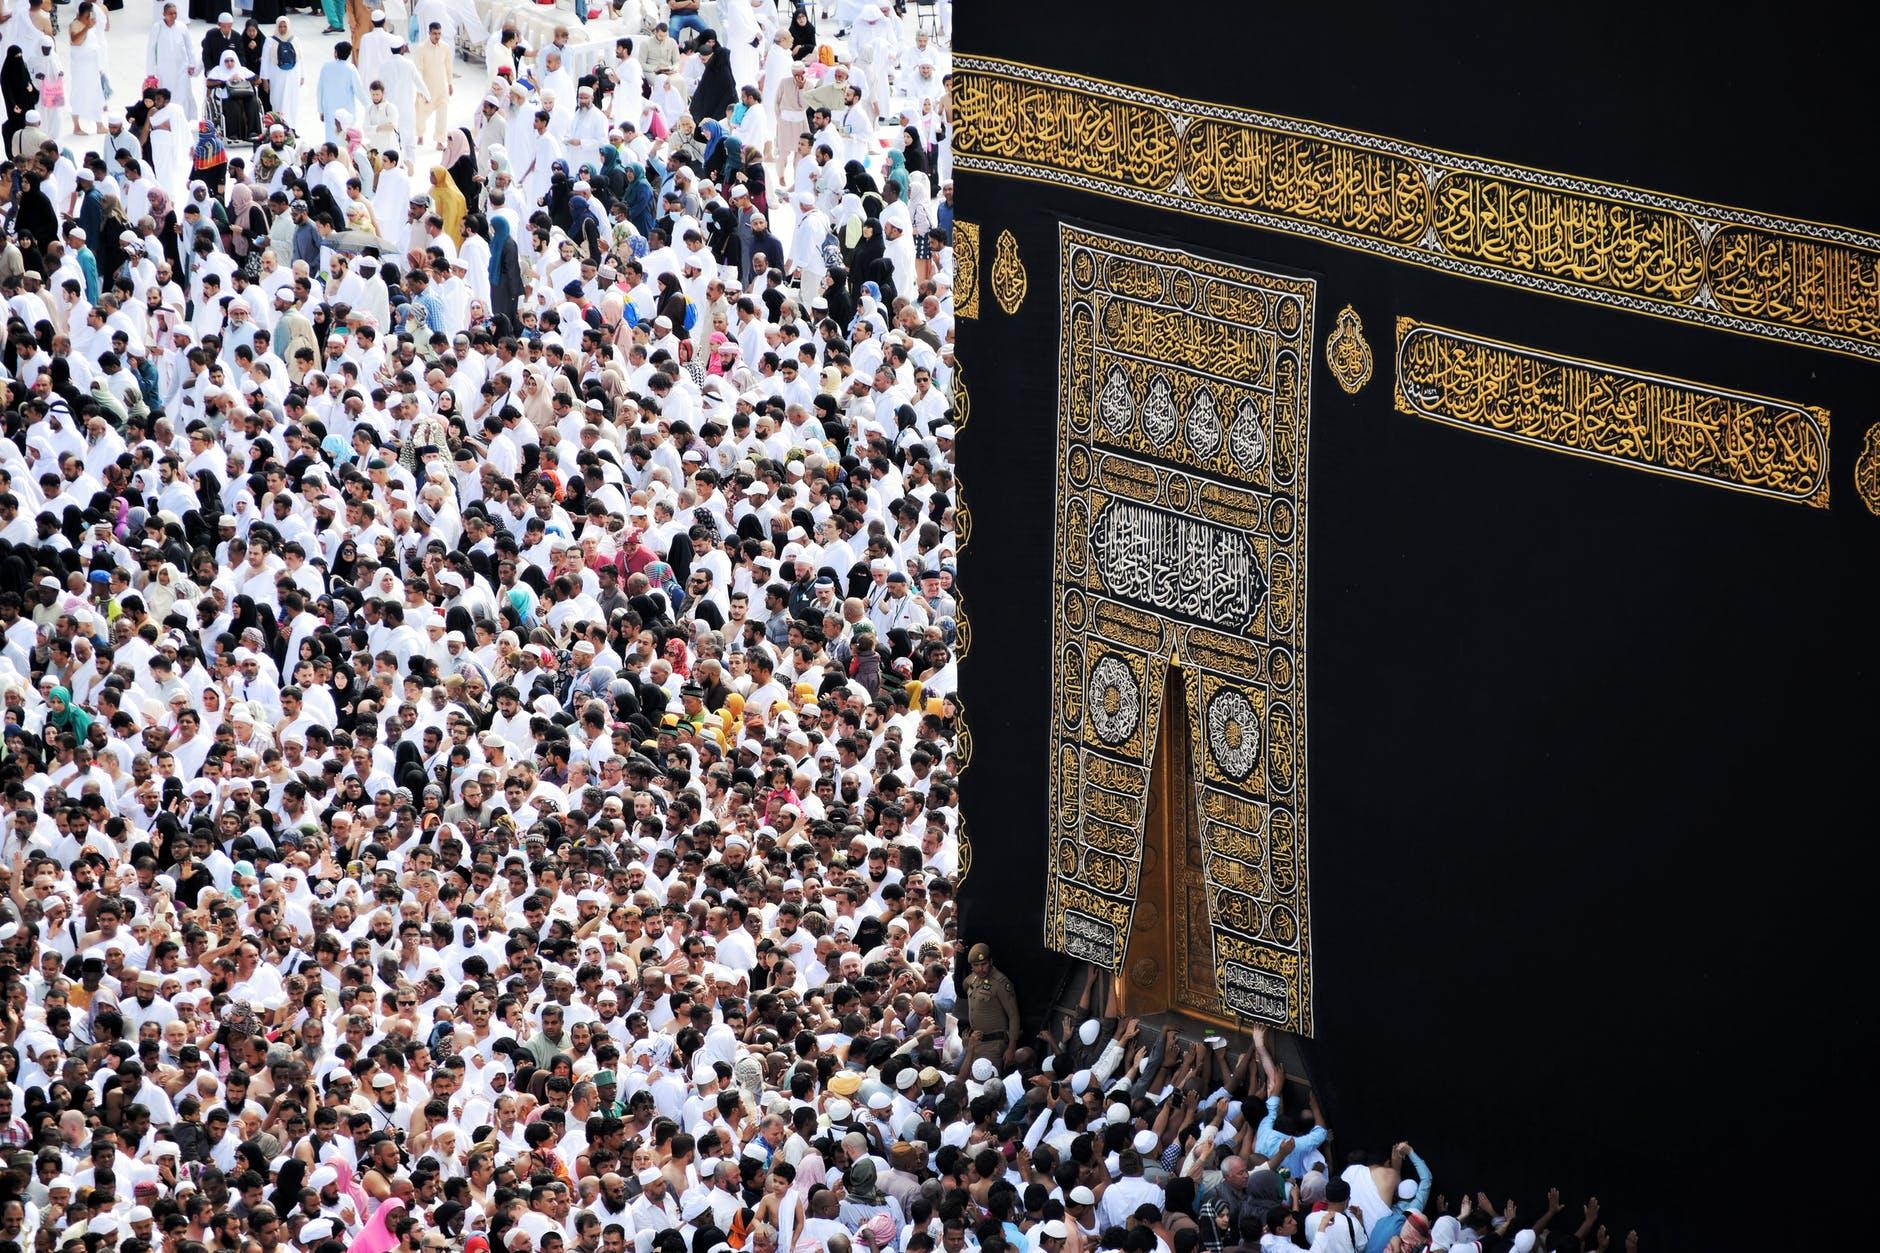 Tabungan Haji BNI Syariah Jadi Jawaban Menabung Ibadah Haji